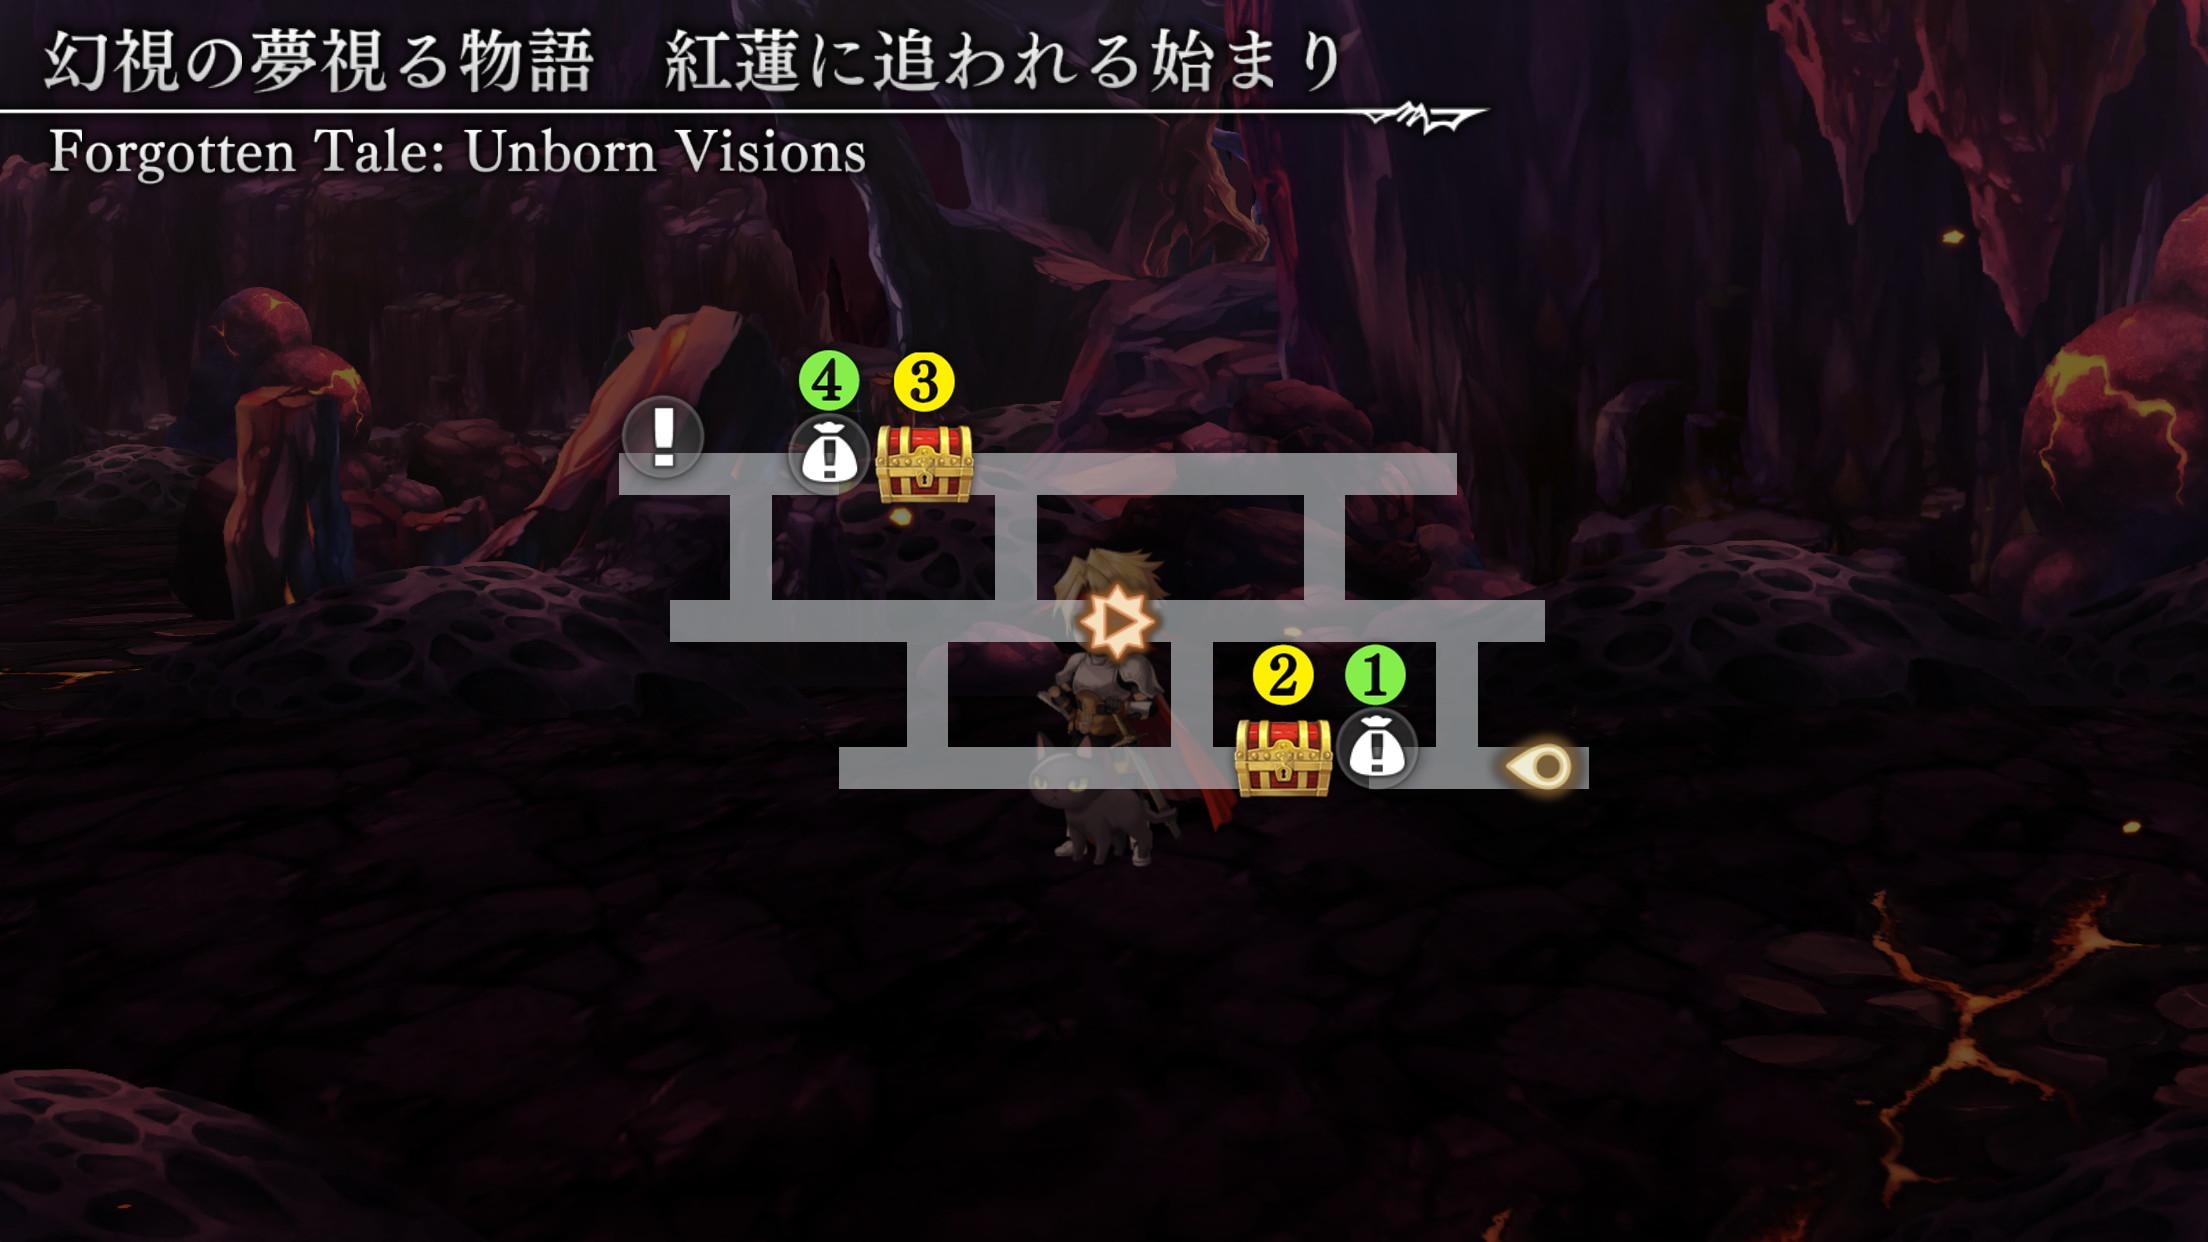 幻視の夢視る物語マップ1